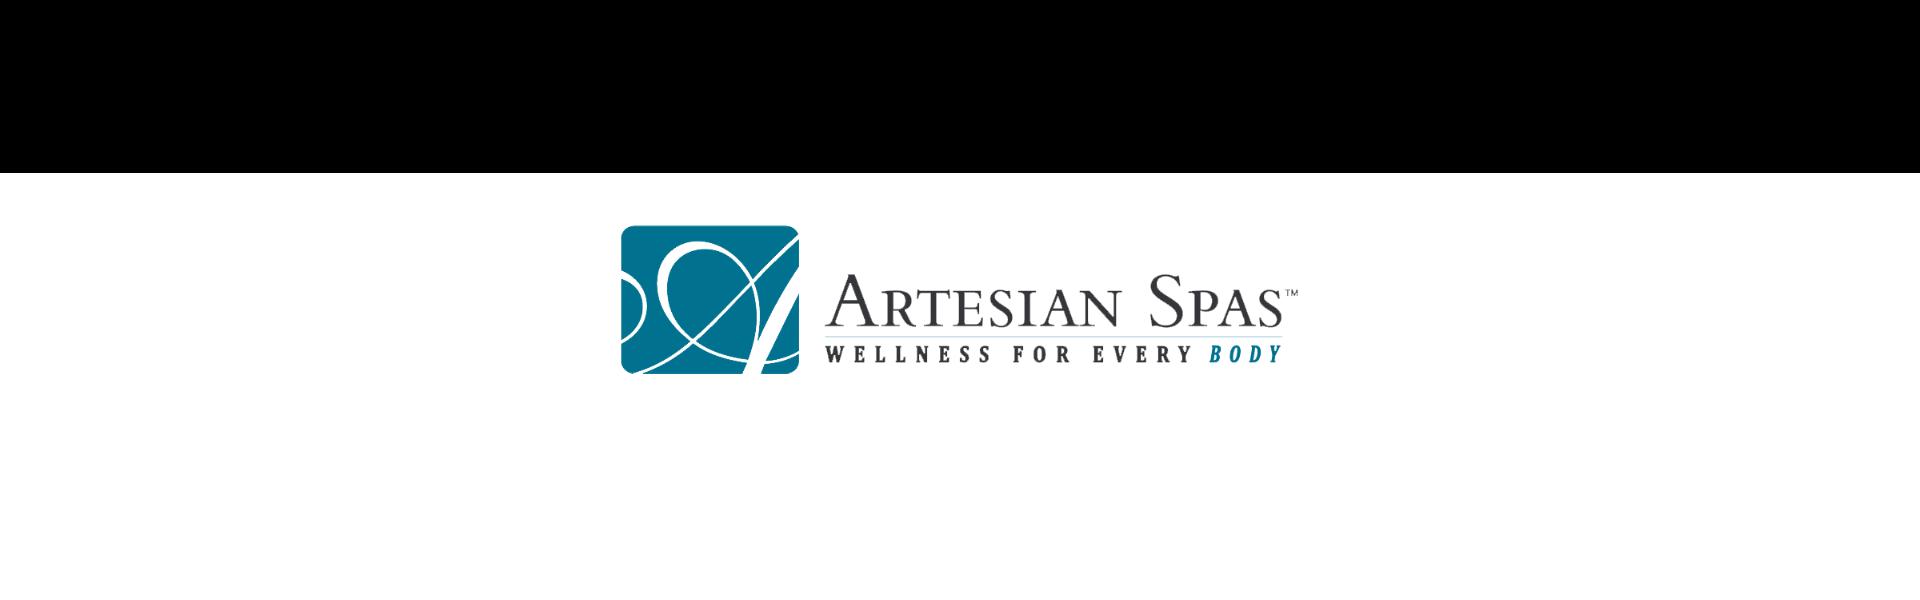 artesian-spas-title-logo3